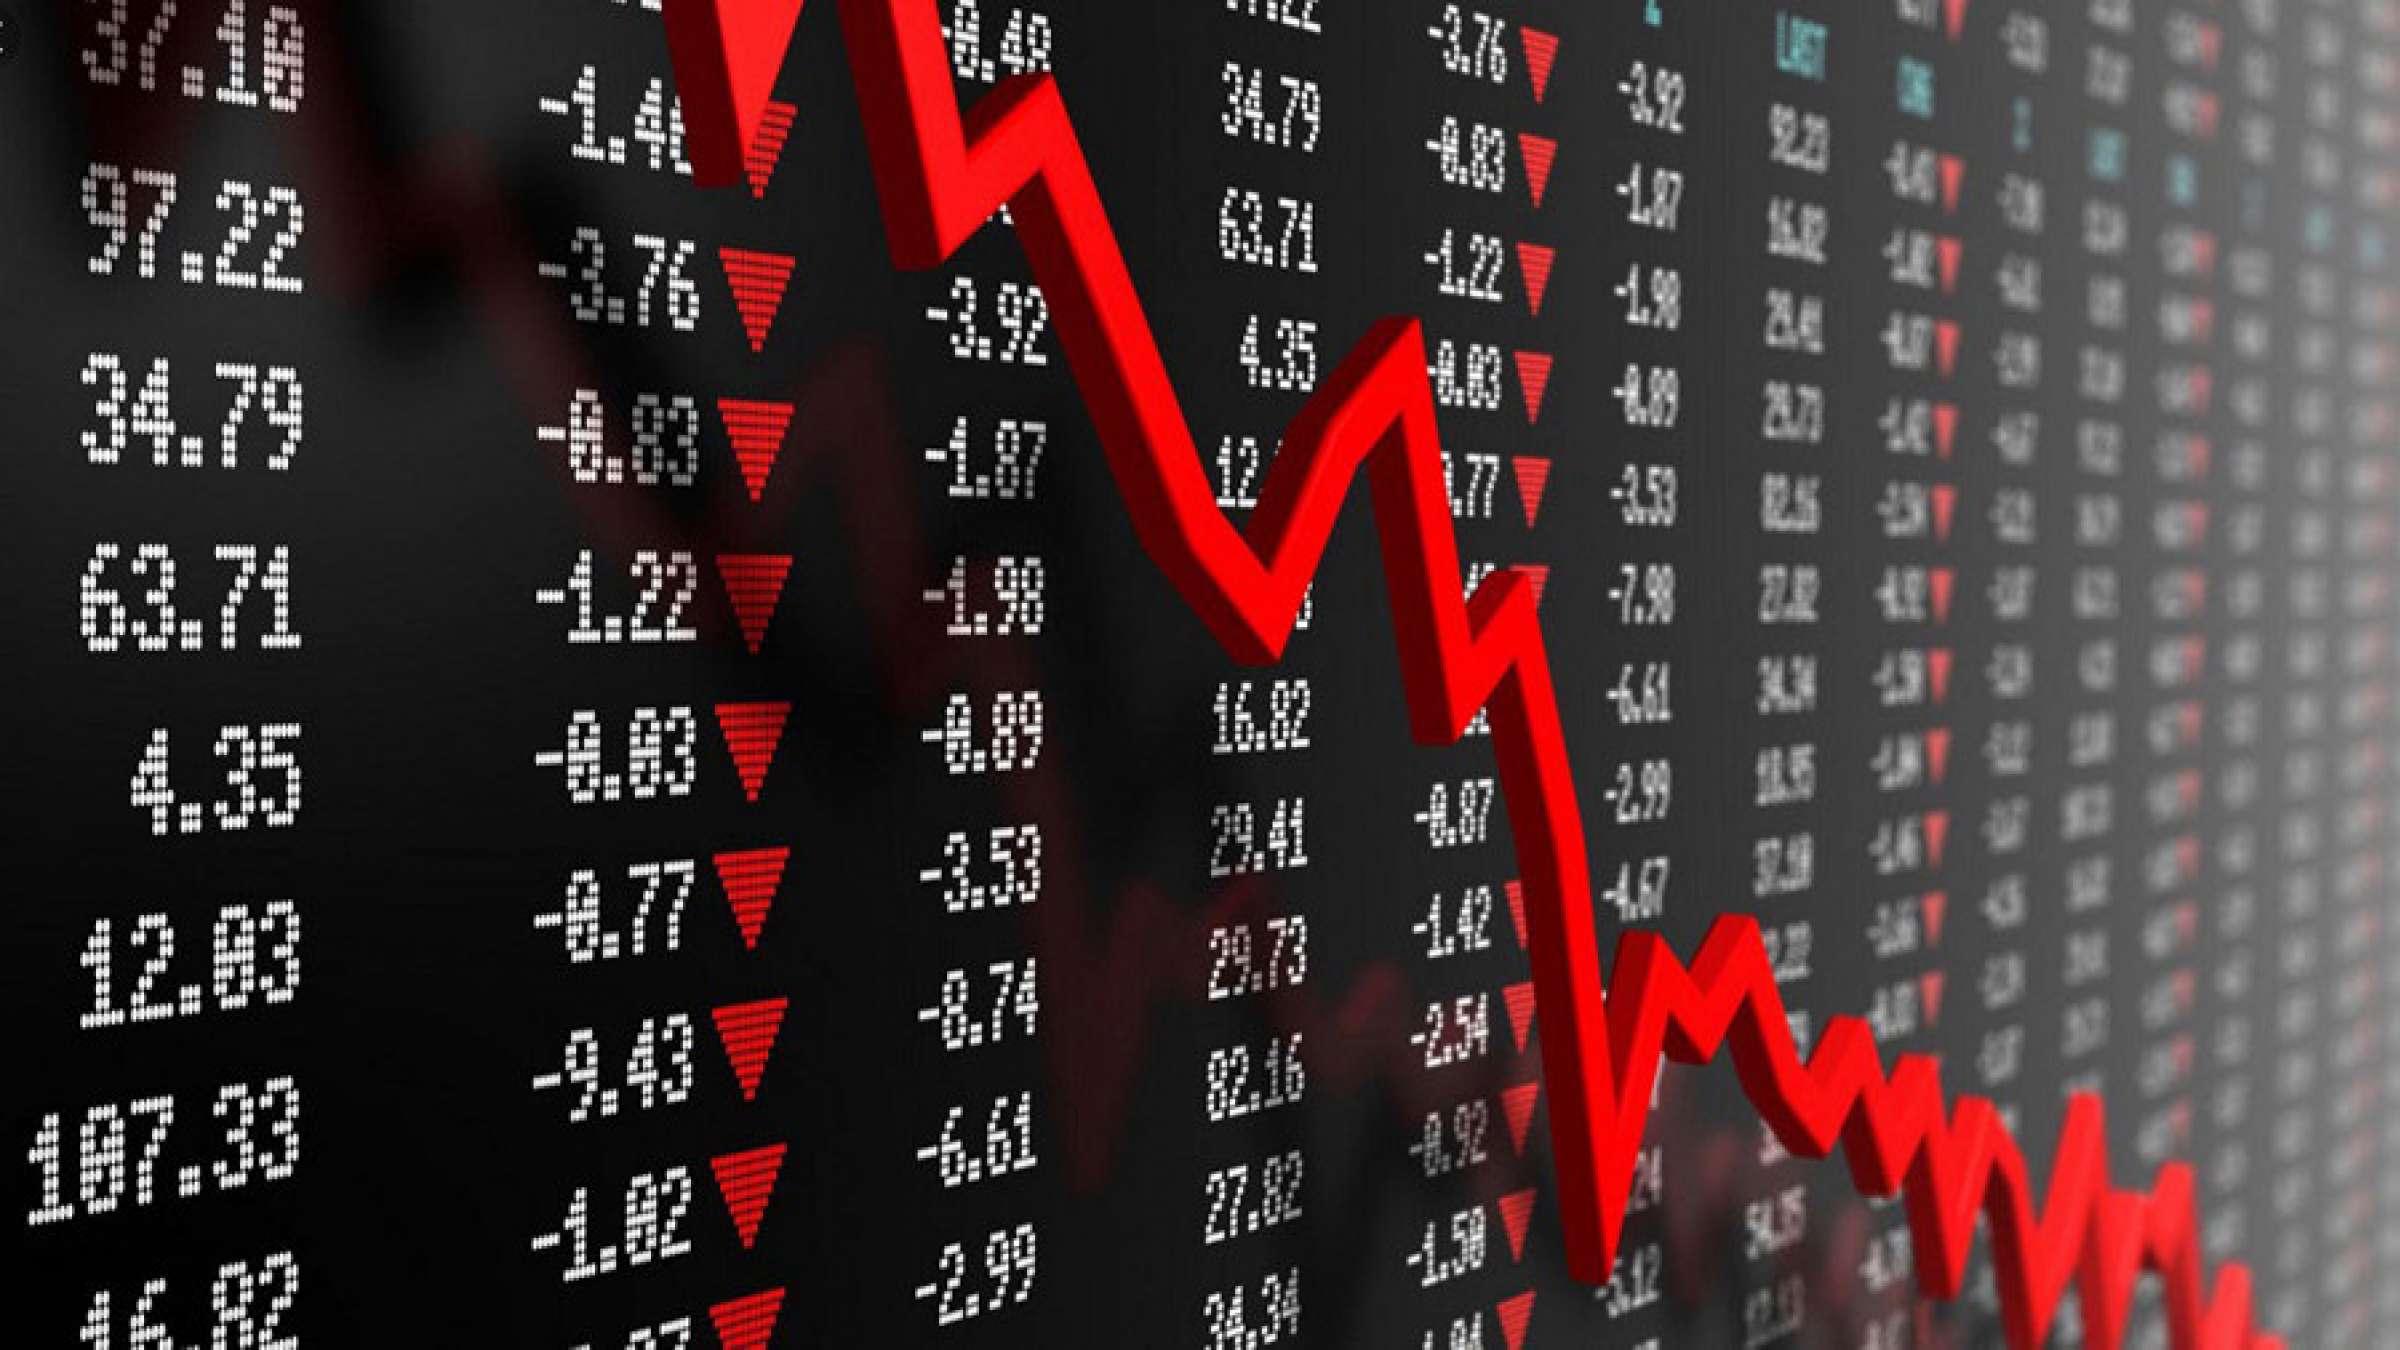 پشت-پرده-رشد-چهار-نعل-بازار-بورس-در-ایران